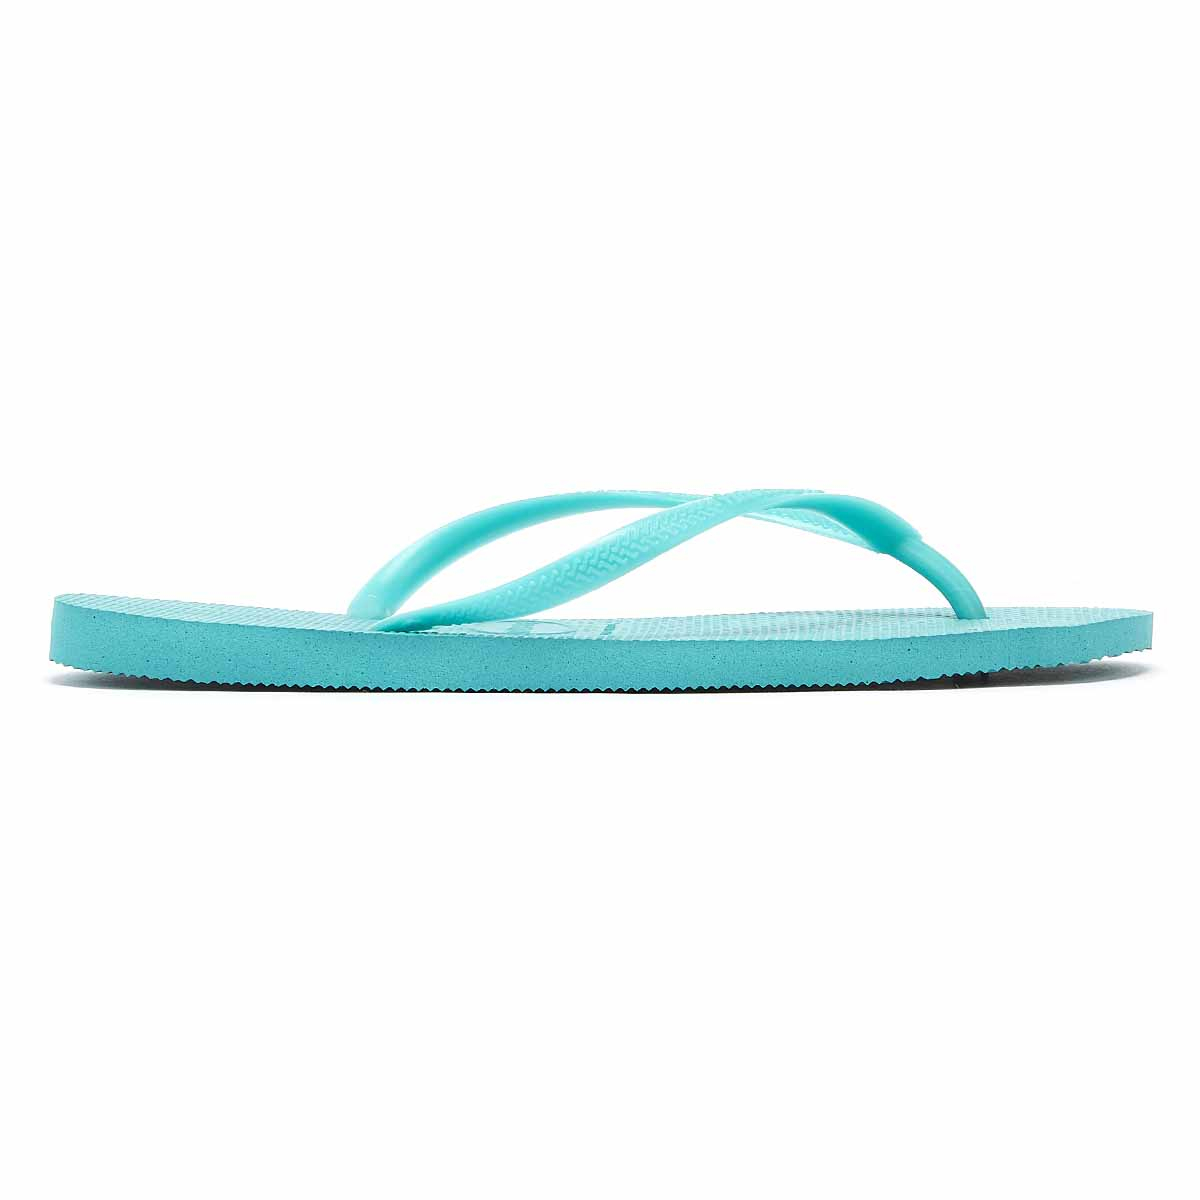 Havaianas Slim Womens Lake Green Flip Flops Ladies Summer Sandals